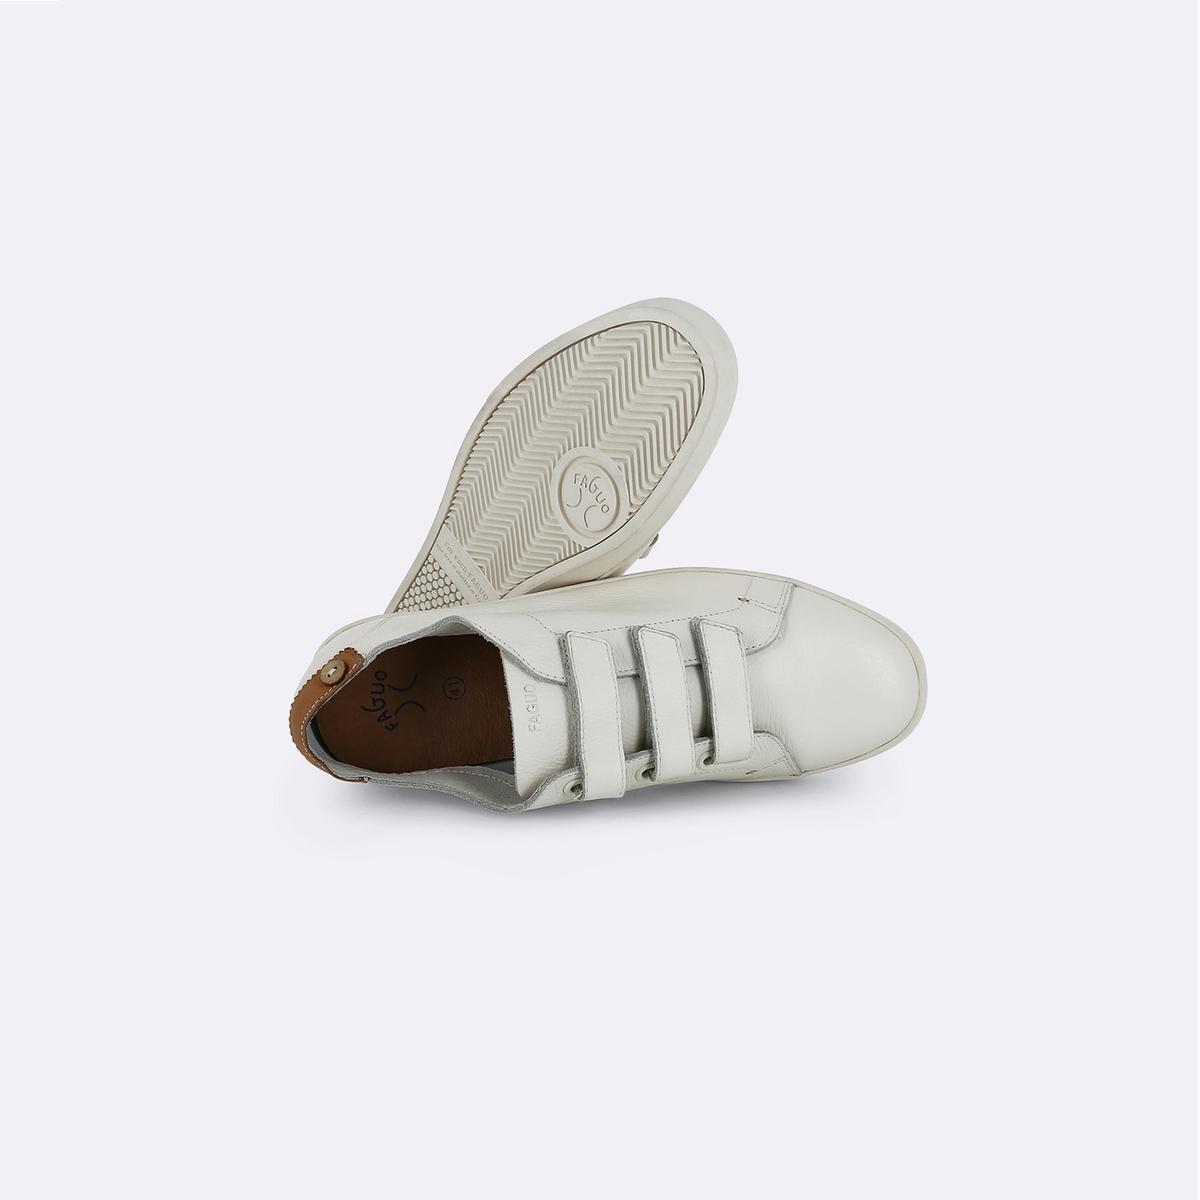 Кеды кожаные Aspenlow03Верх : кожа (яловичная)   Подкладка : кожа   Стелька : ЭВА   Подошва : ЭВА   Высота каблука : 1 см   Застежка : планка-велкро<br><br>Цвет: экрю